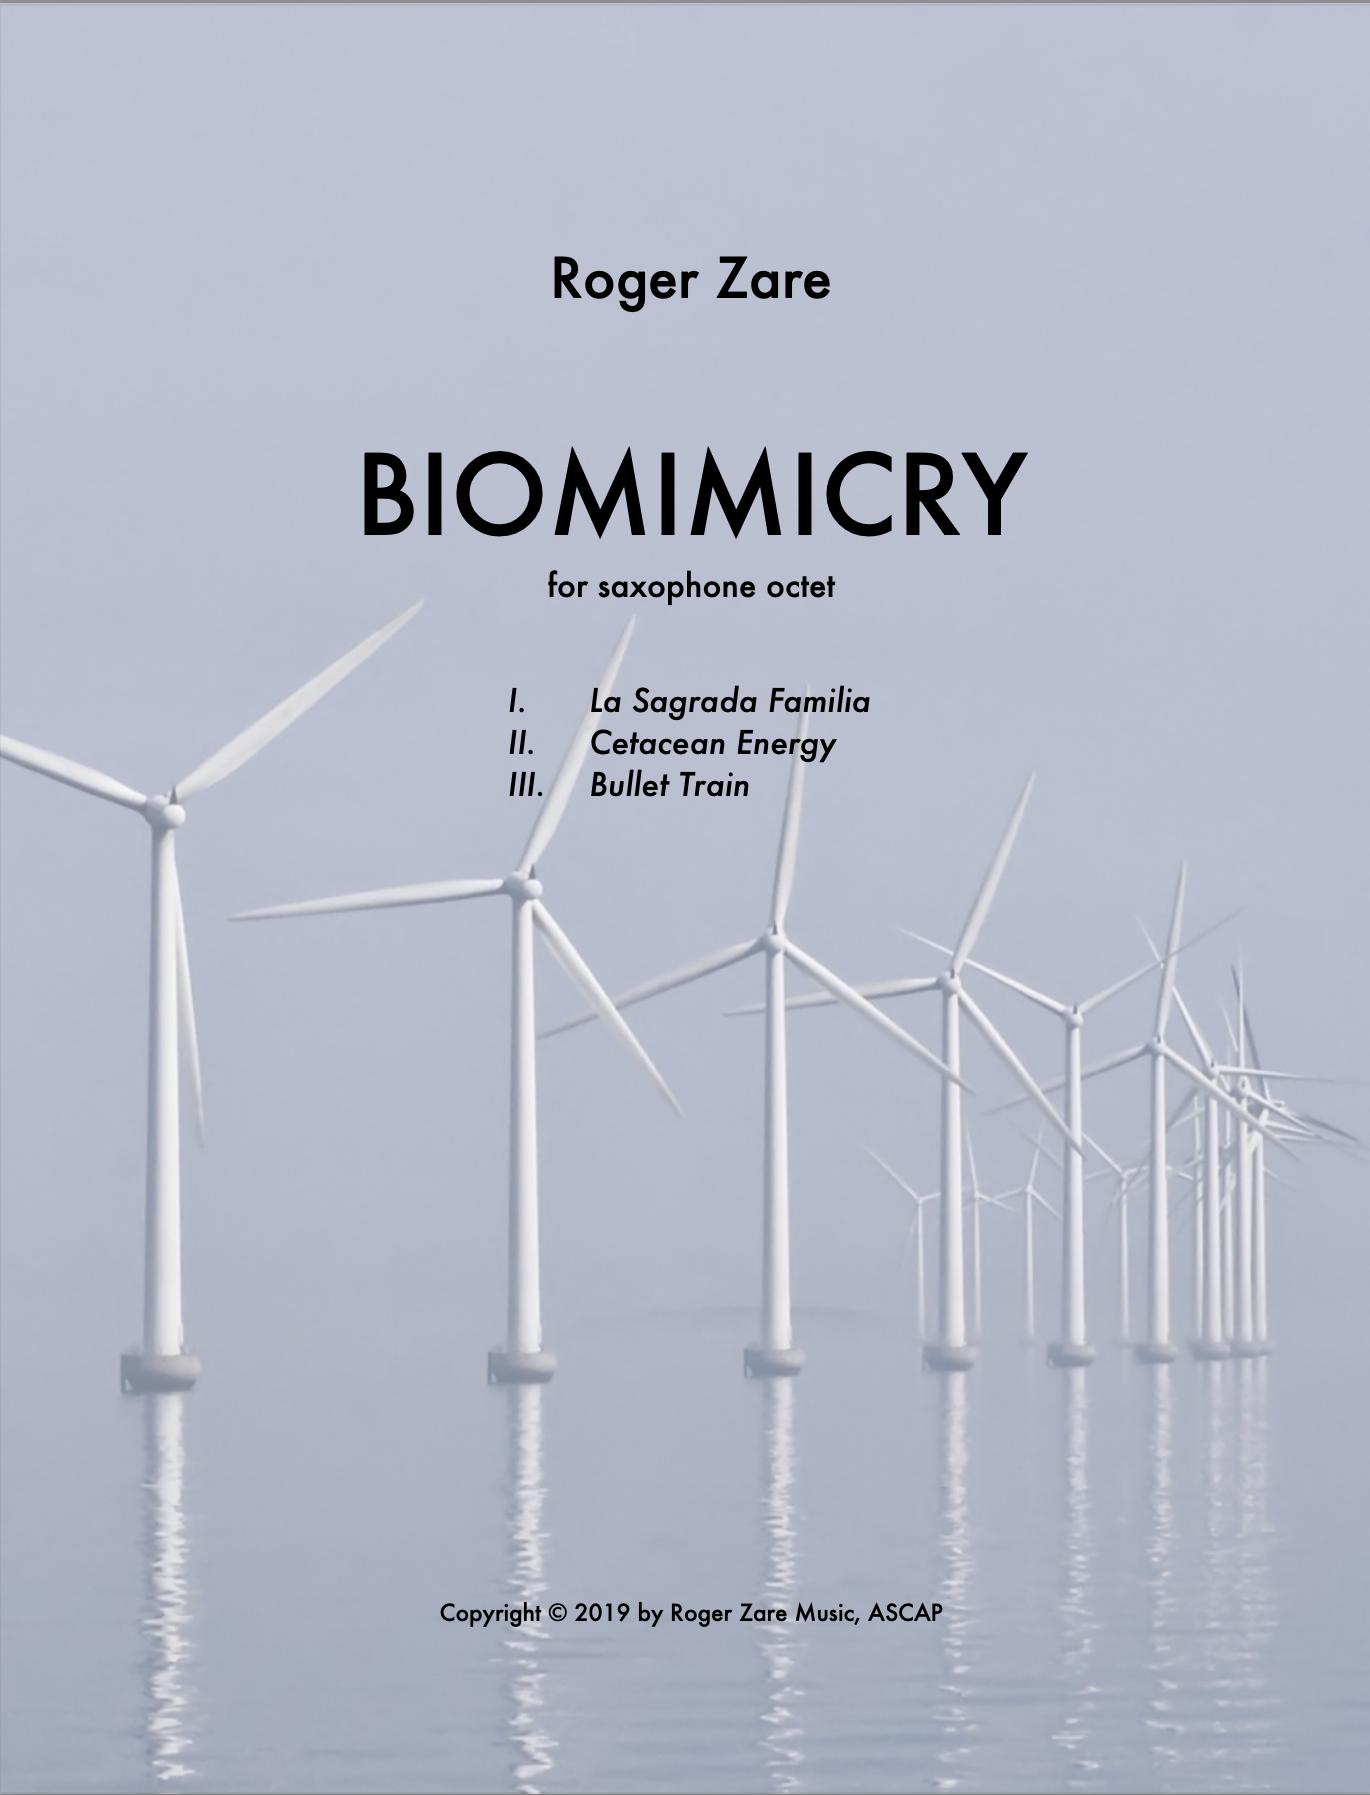 Biomimicry (Saxophone Ensemble Version) by Roger Zare